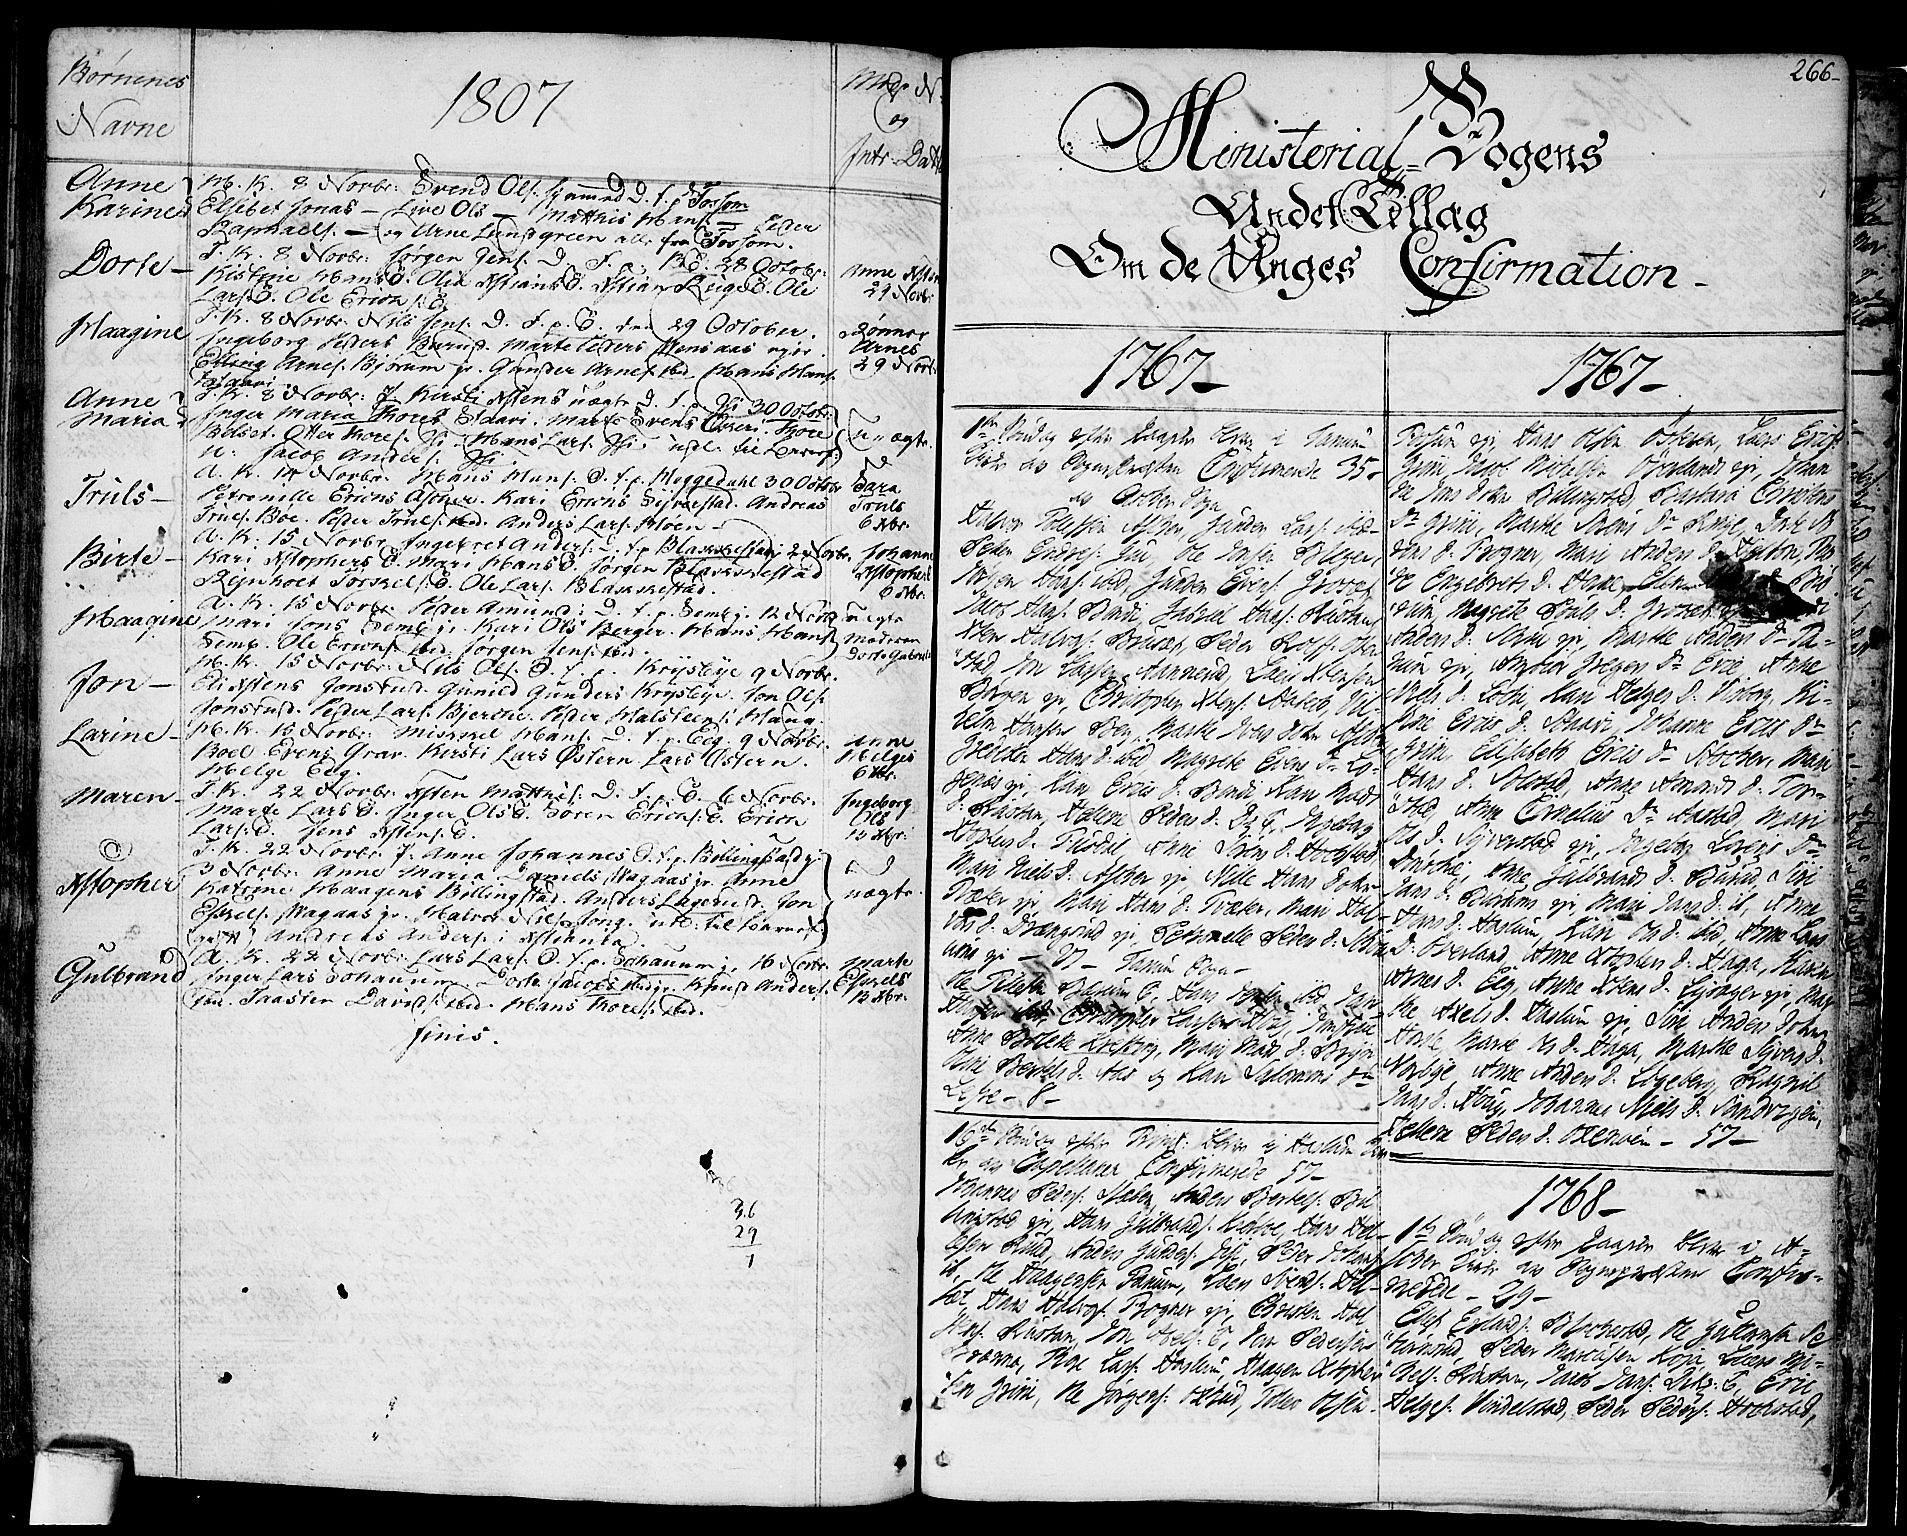 SAO, Asker prestekontor Kirkebøker, F/Fa/L0003: Ministerialbok nr. I 3, 1767-1807, s. 266